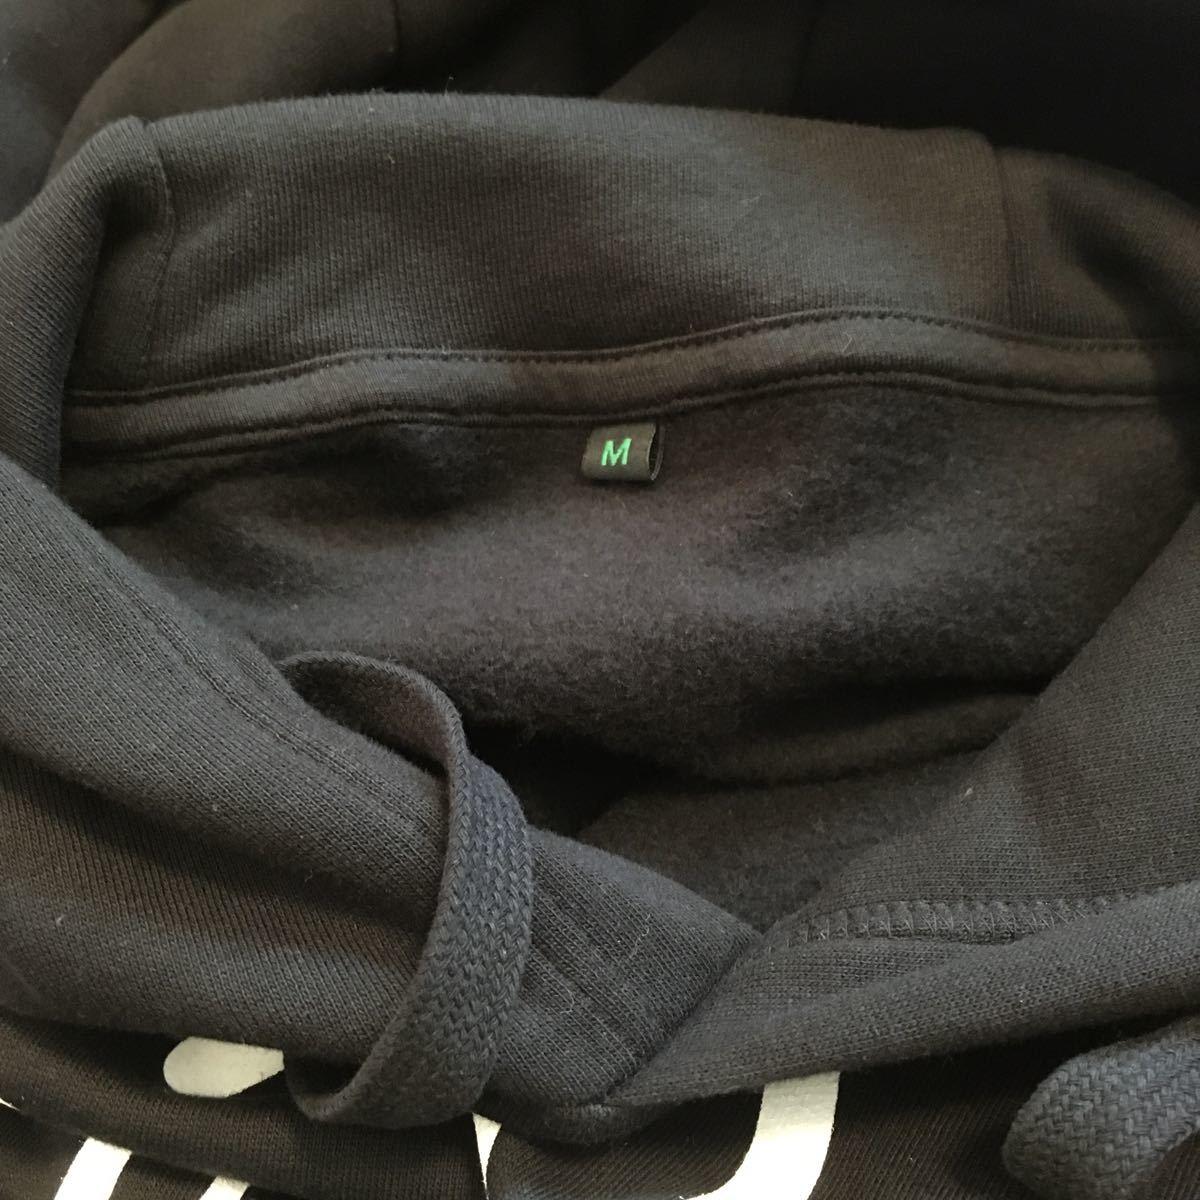 Aphex Twin エイフェックスツイン スウェットパーカー Mサイズ 公式グッズ 海外公式サイト購入_画像3